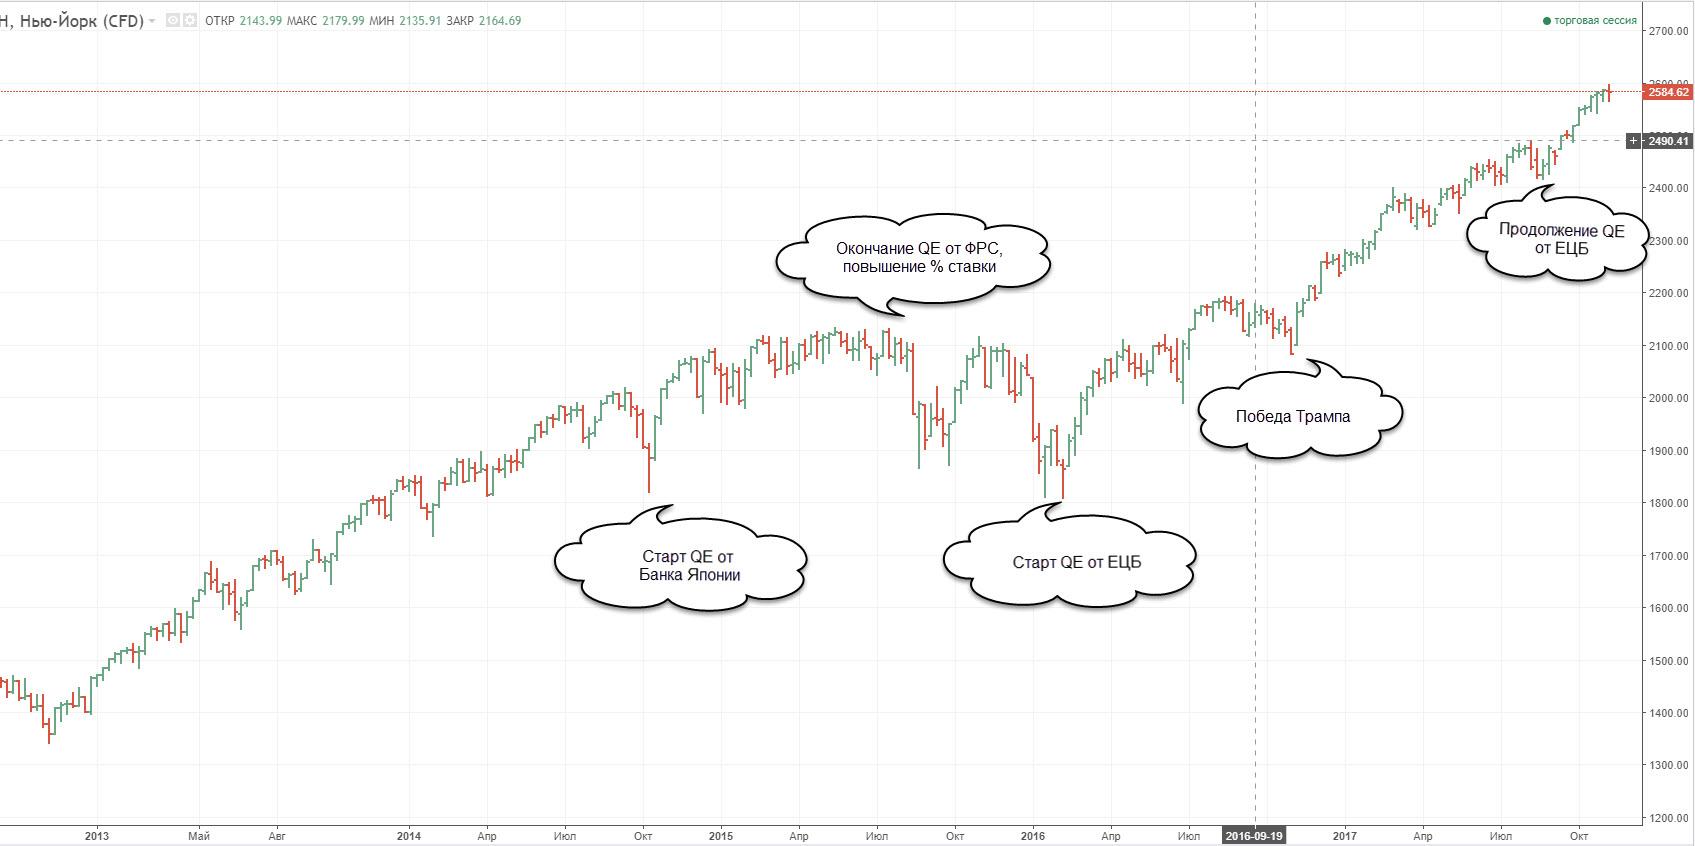 Фондовые рынки, маркетмейкеры ожидают снижение